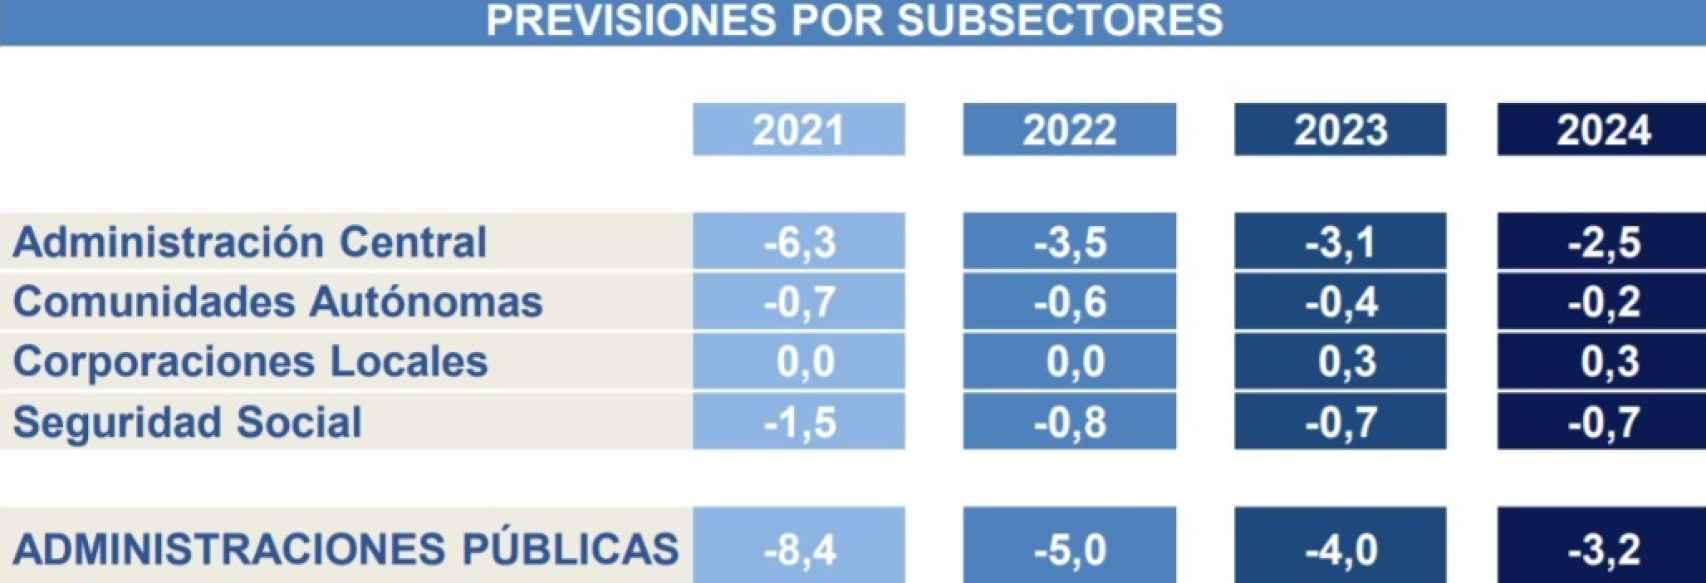 Déficit previsto por subsectores. Fuente:  Ministerio de Hacienda.